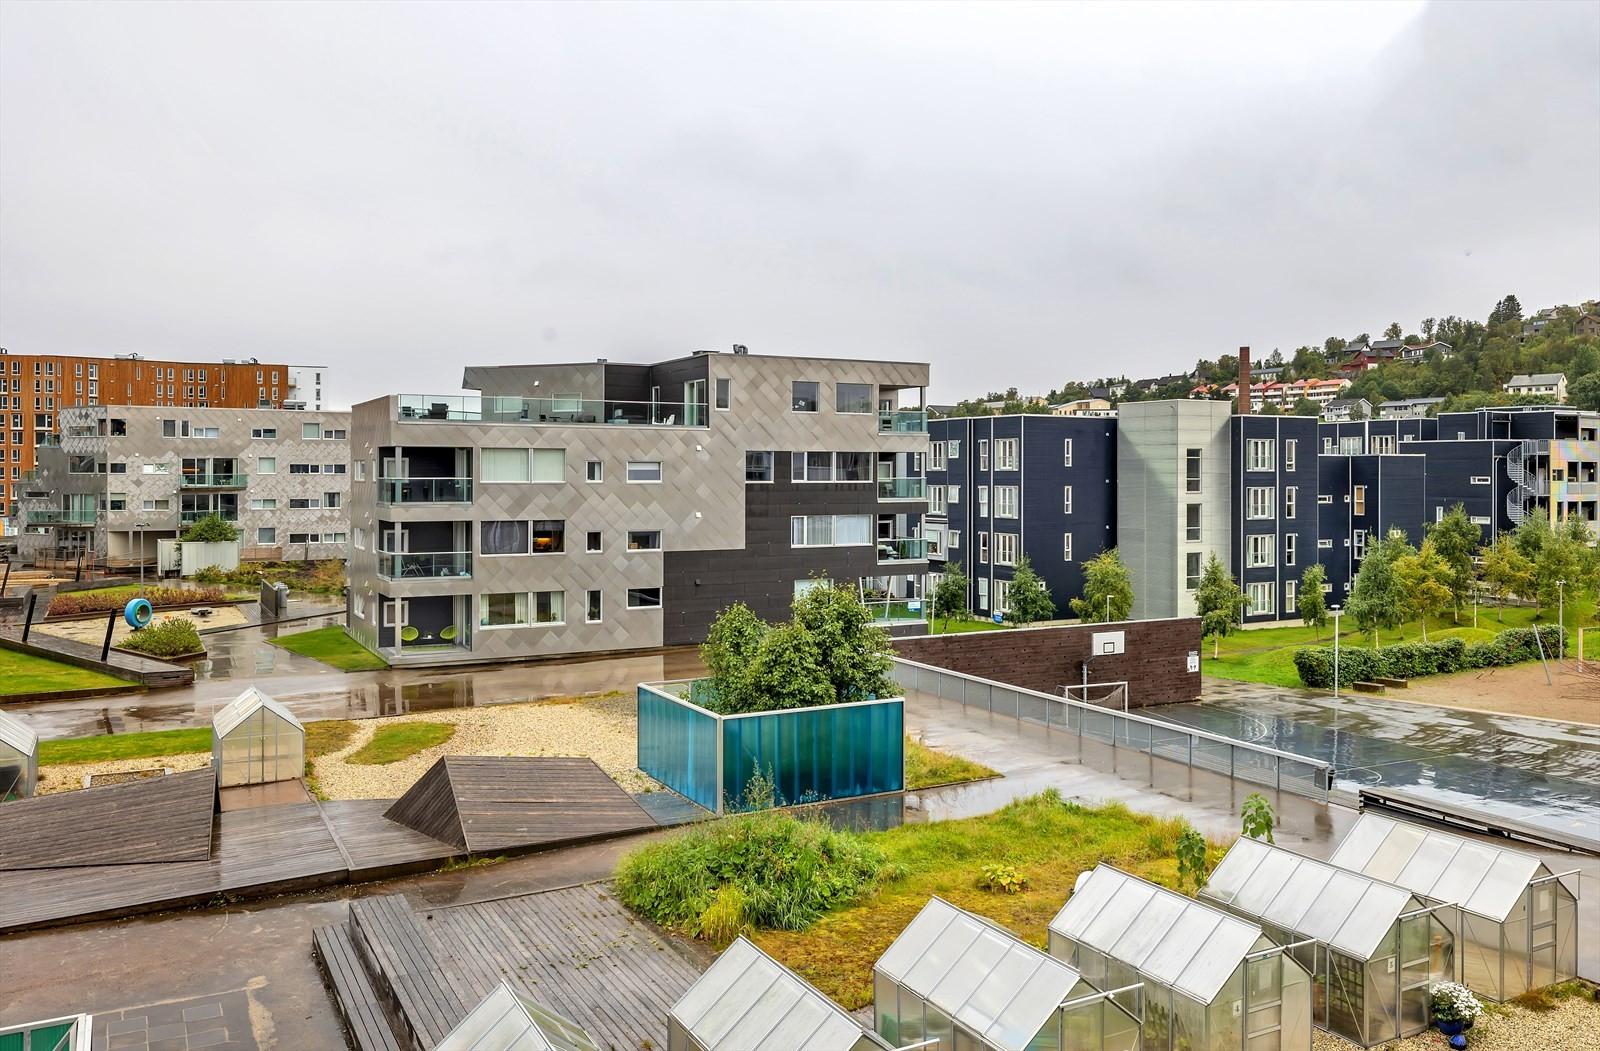 Boligen har tilknytning til opparbeidede uteområder hvor man også har mulighet til å leie drivhus